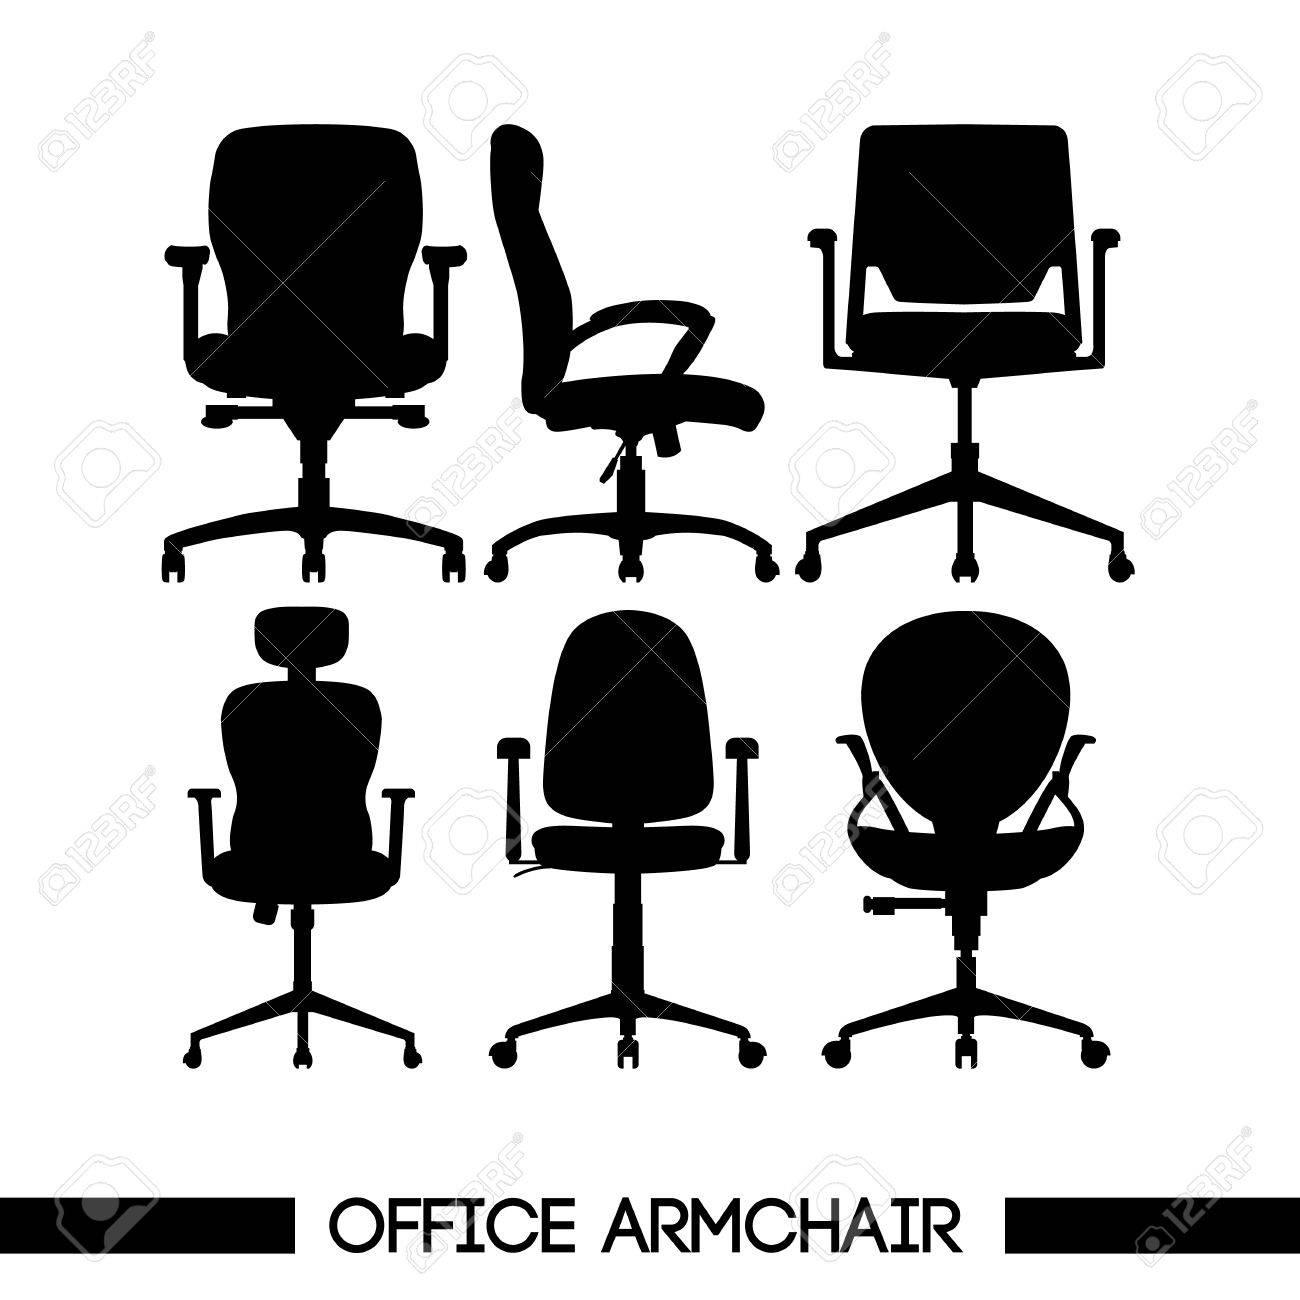 vectorielle les fond numérique bureau fauteuil de contourssur moderne de noirdans Ensemble blancImage FJKl1c